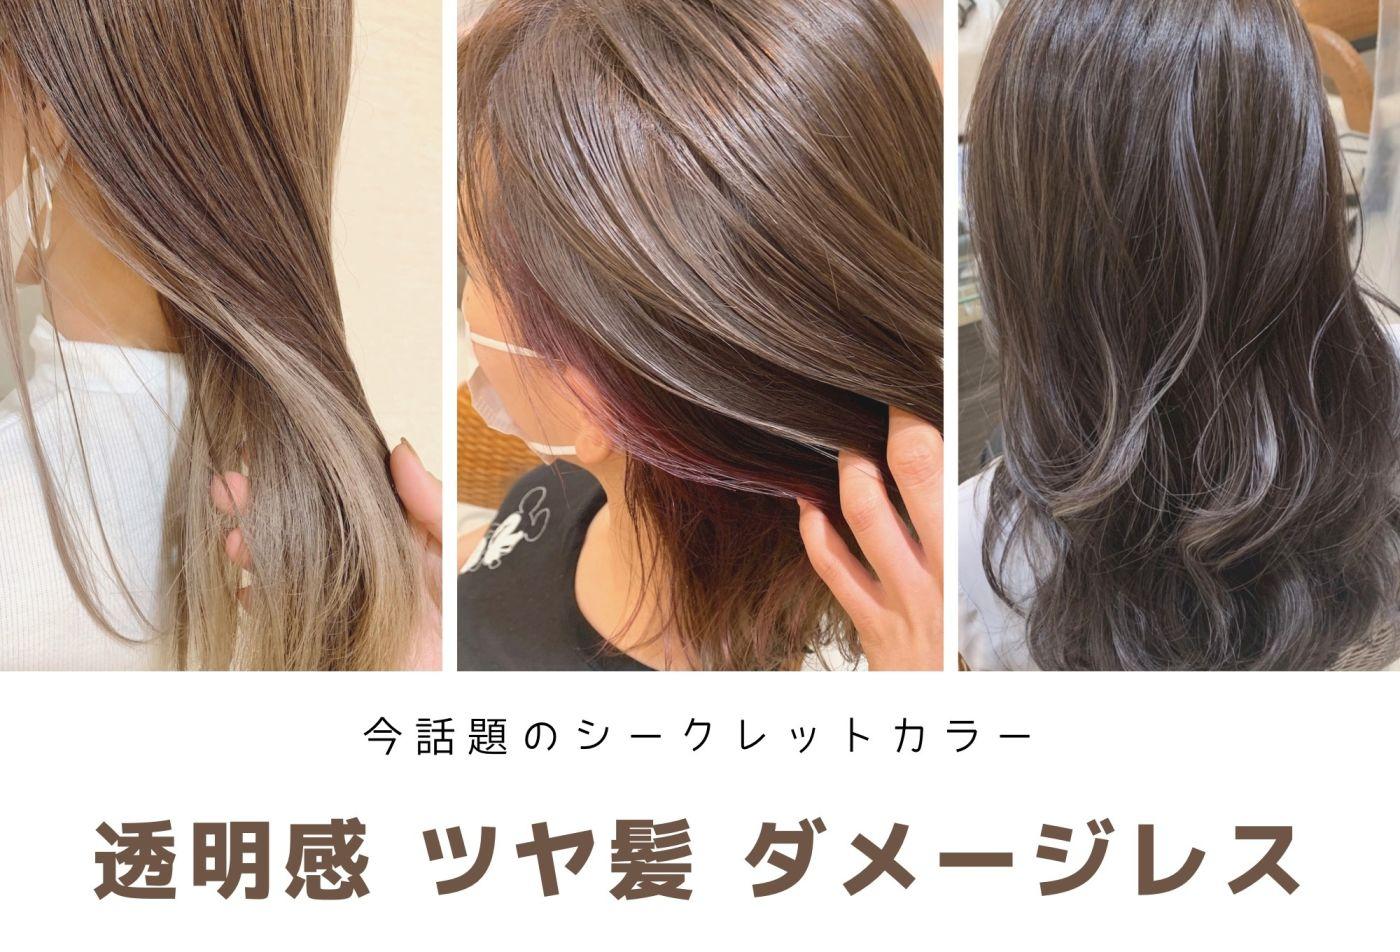 ブリーチなしのダブルカラー!?日本人が求める最新透明感カラー技術がついに登場◆